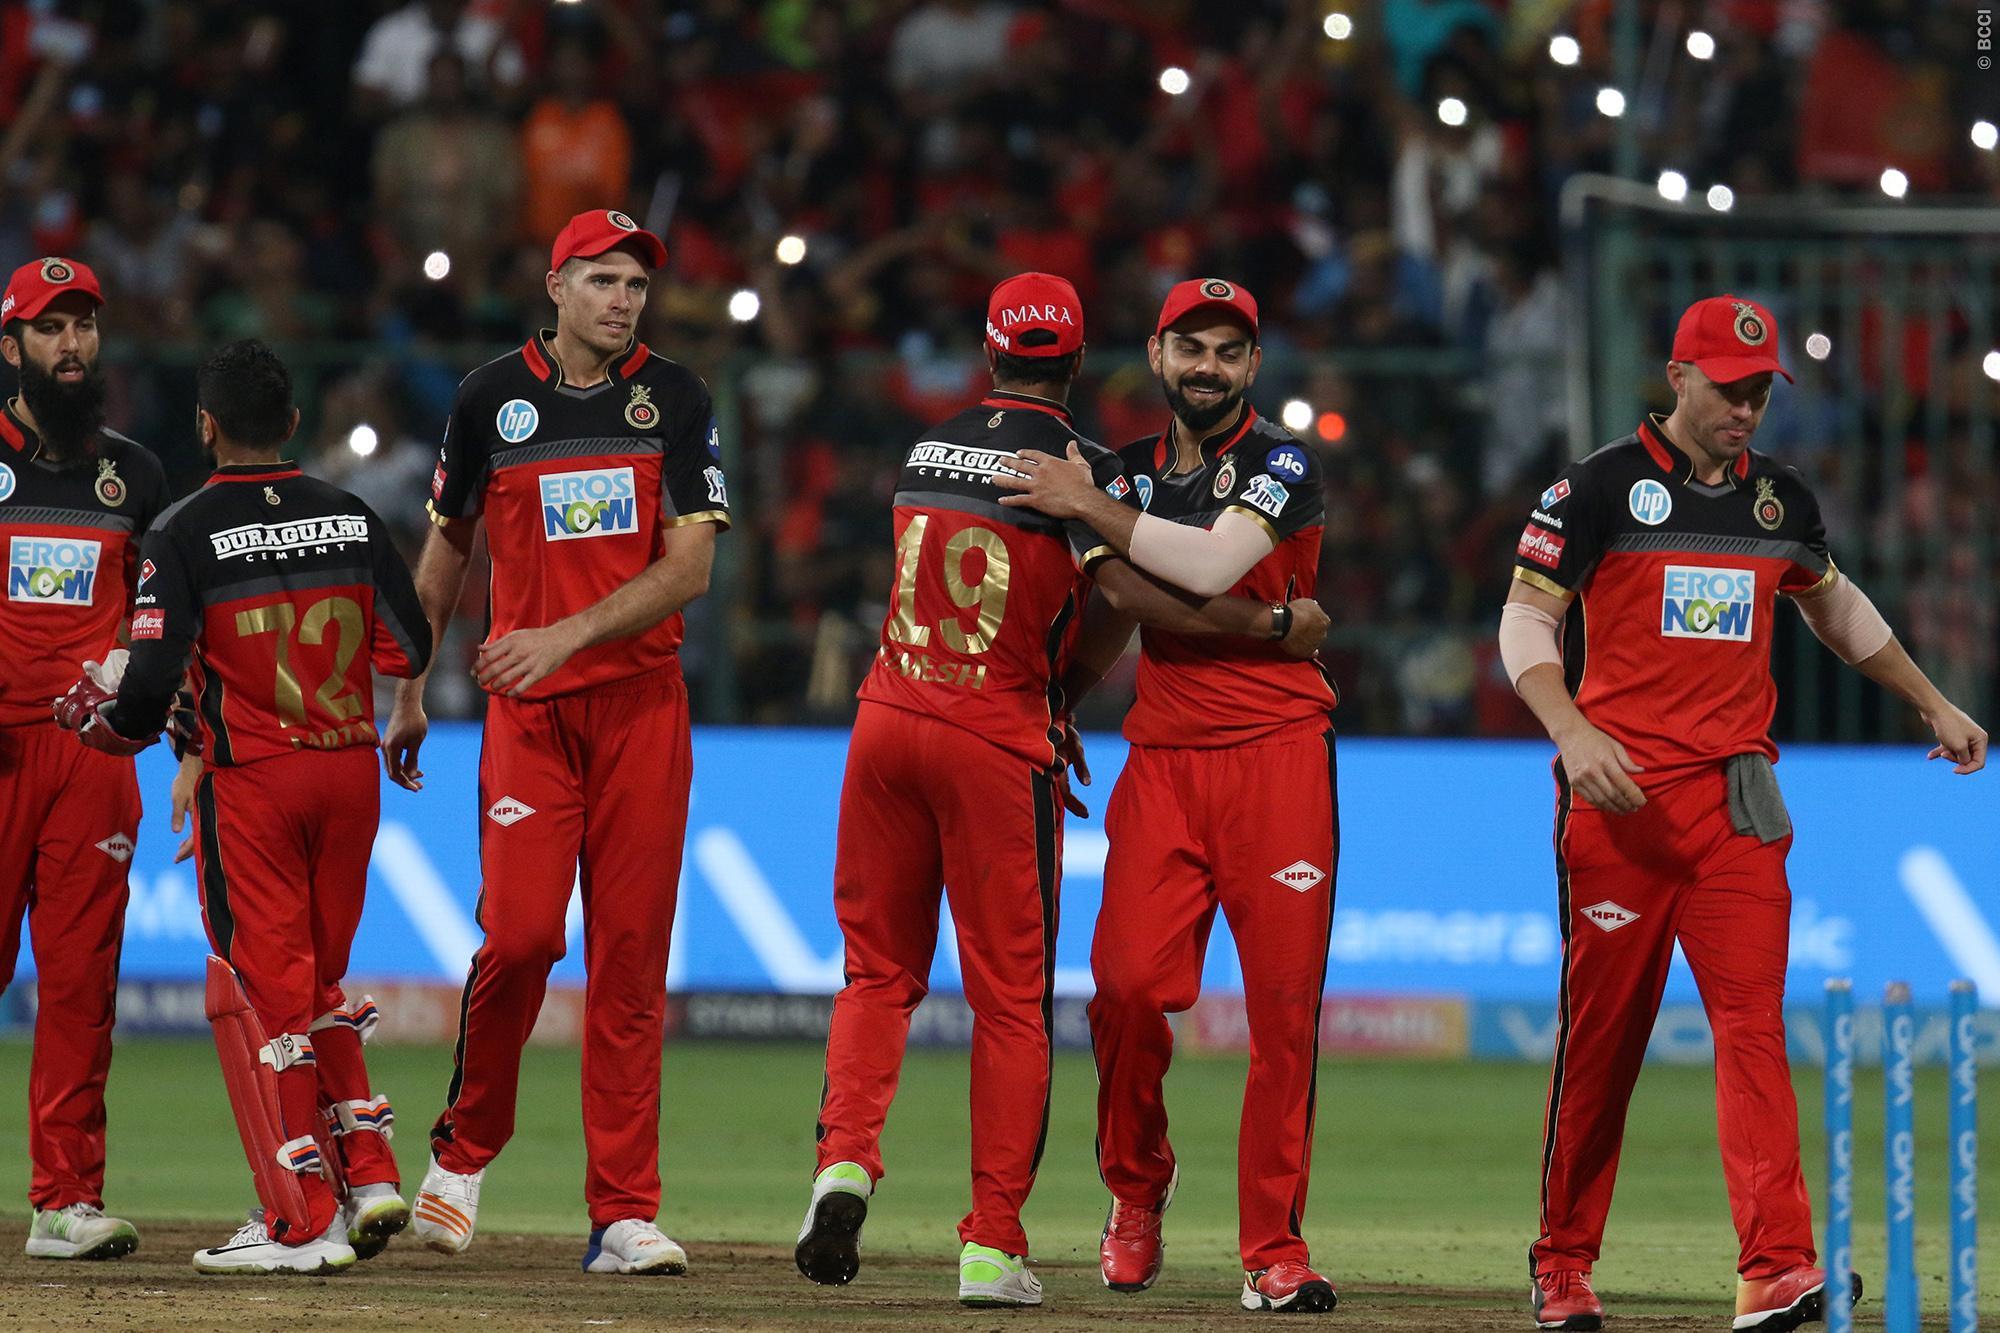 आईपीएल 2019: इन 11 खिलाड़ियों के साथ पुरे टूर्नामेंट में खेली आरसीबी तो पहली बार बन सकती है विजेता 1